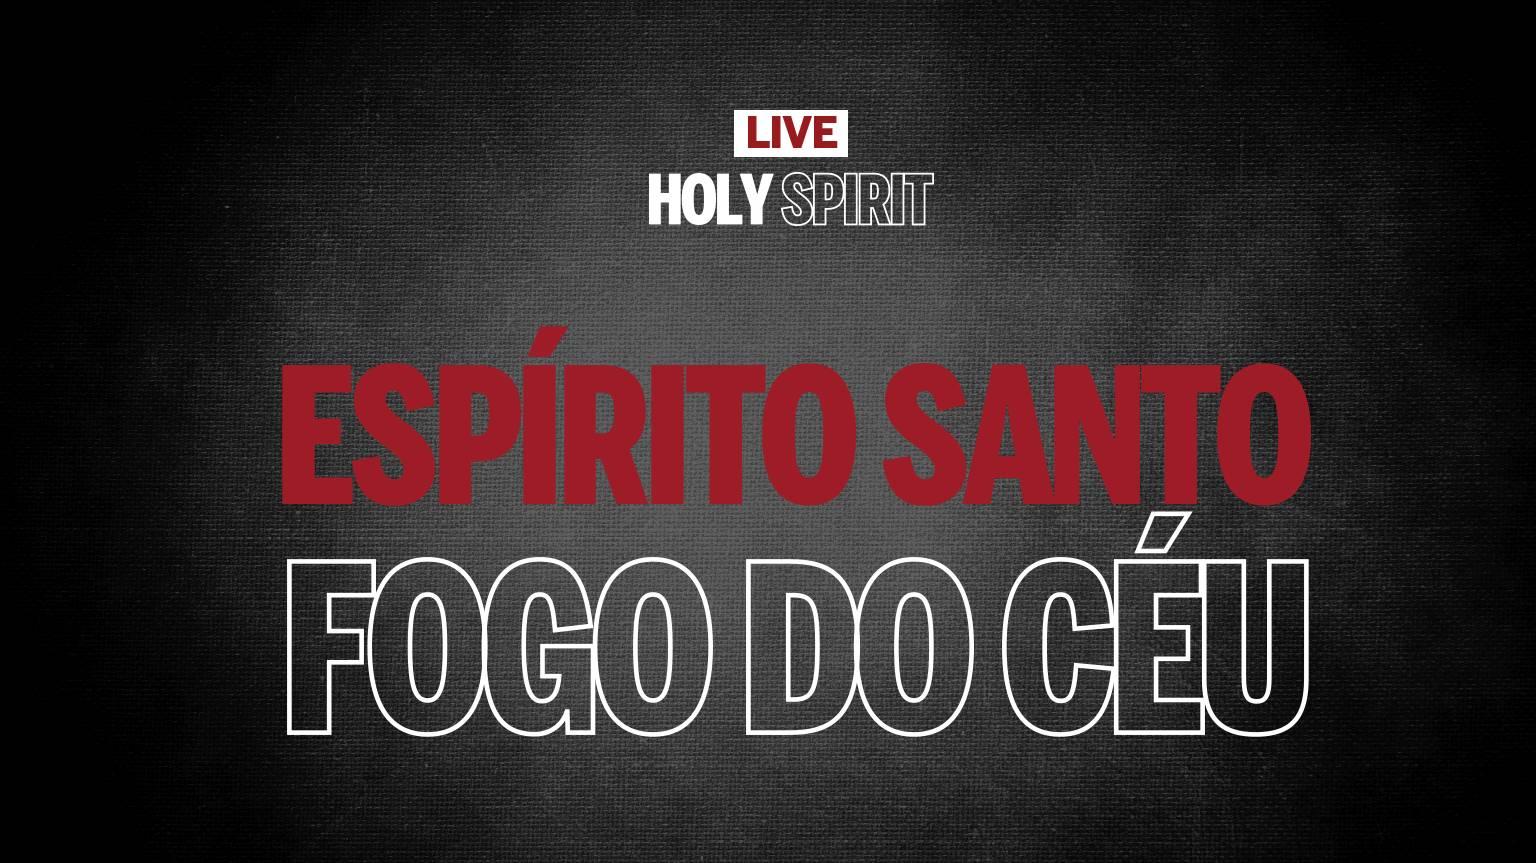 formacao_live3_espiritosanto_fogodoceu-1536x864.jpg